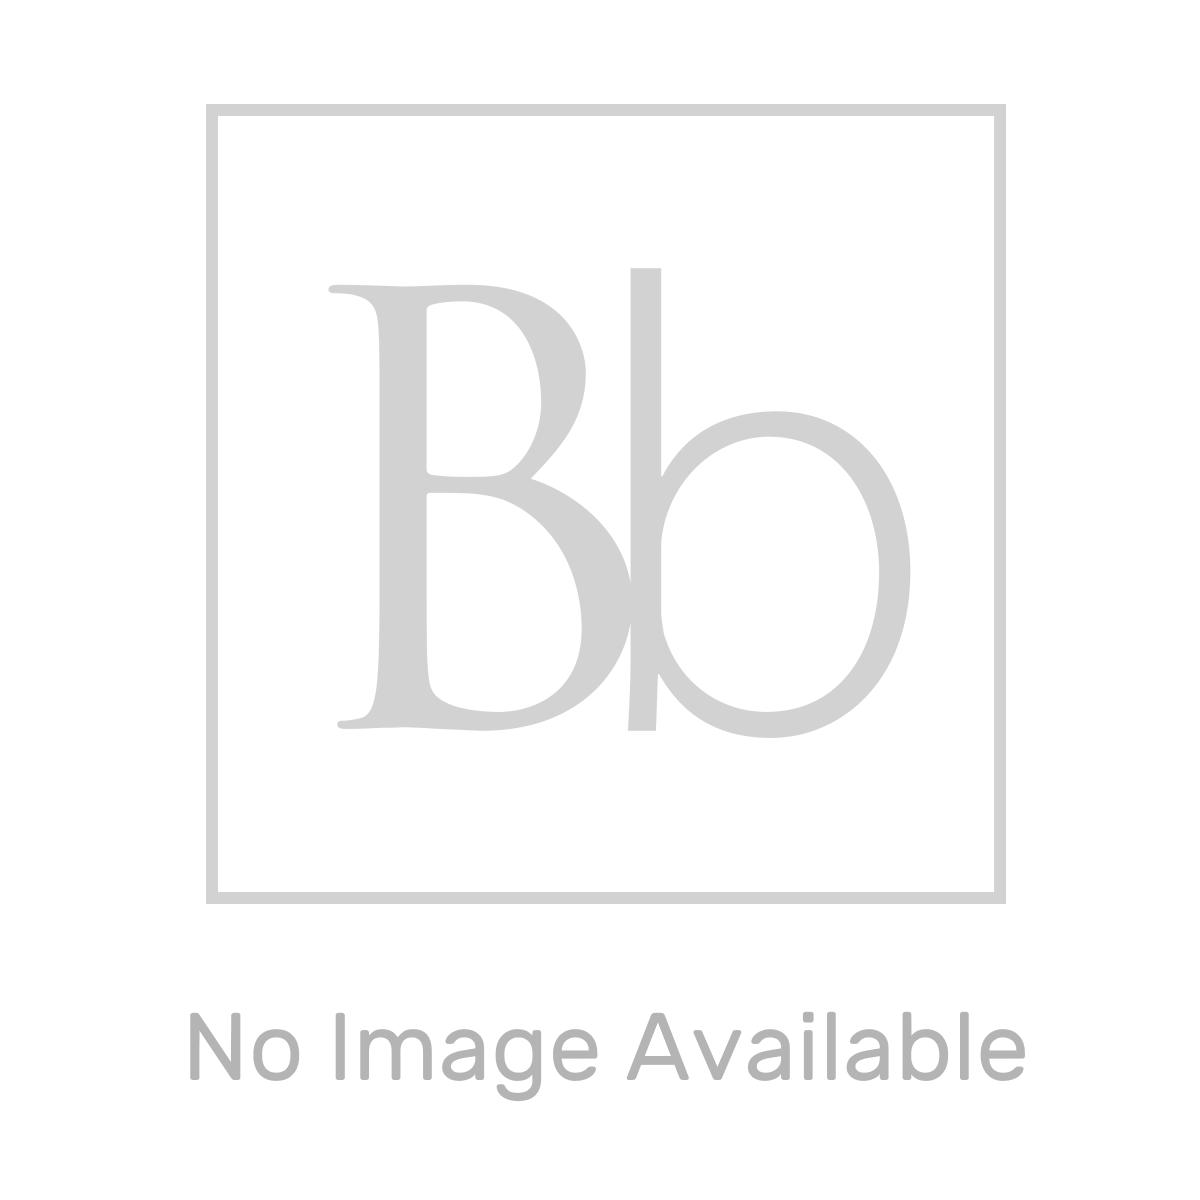 RAK Feeling Chrome Side Panel Fixing Kit Measurements